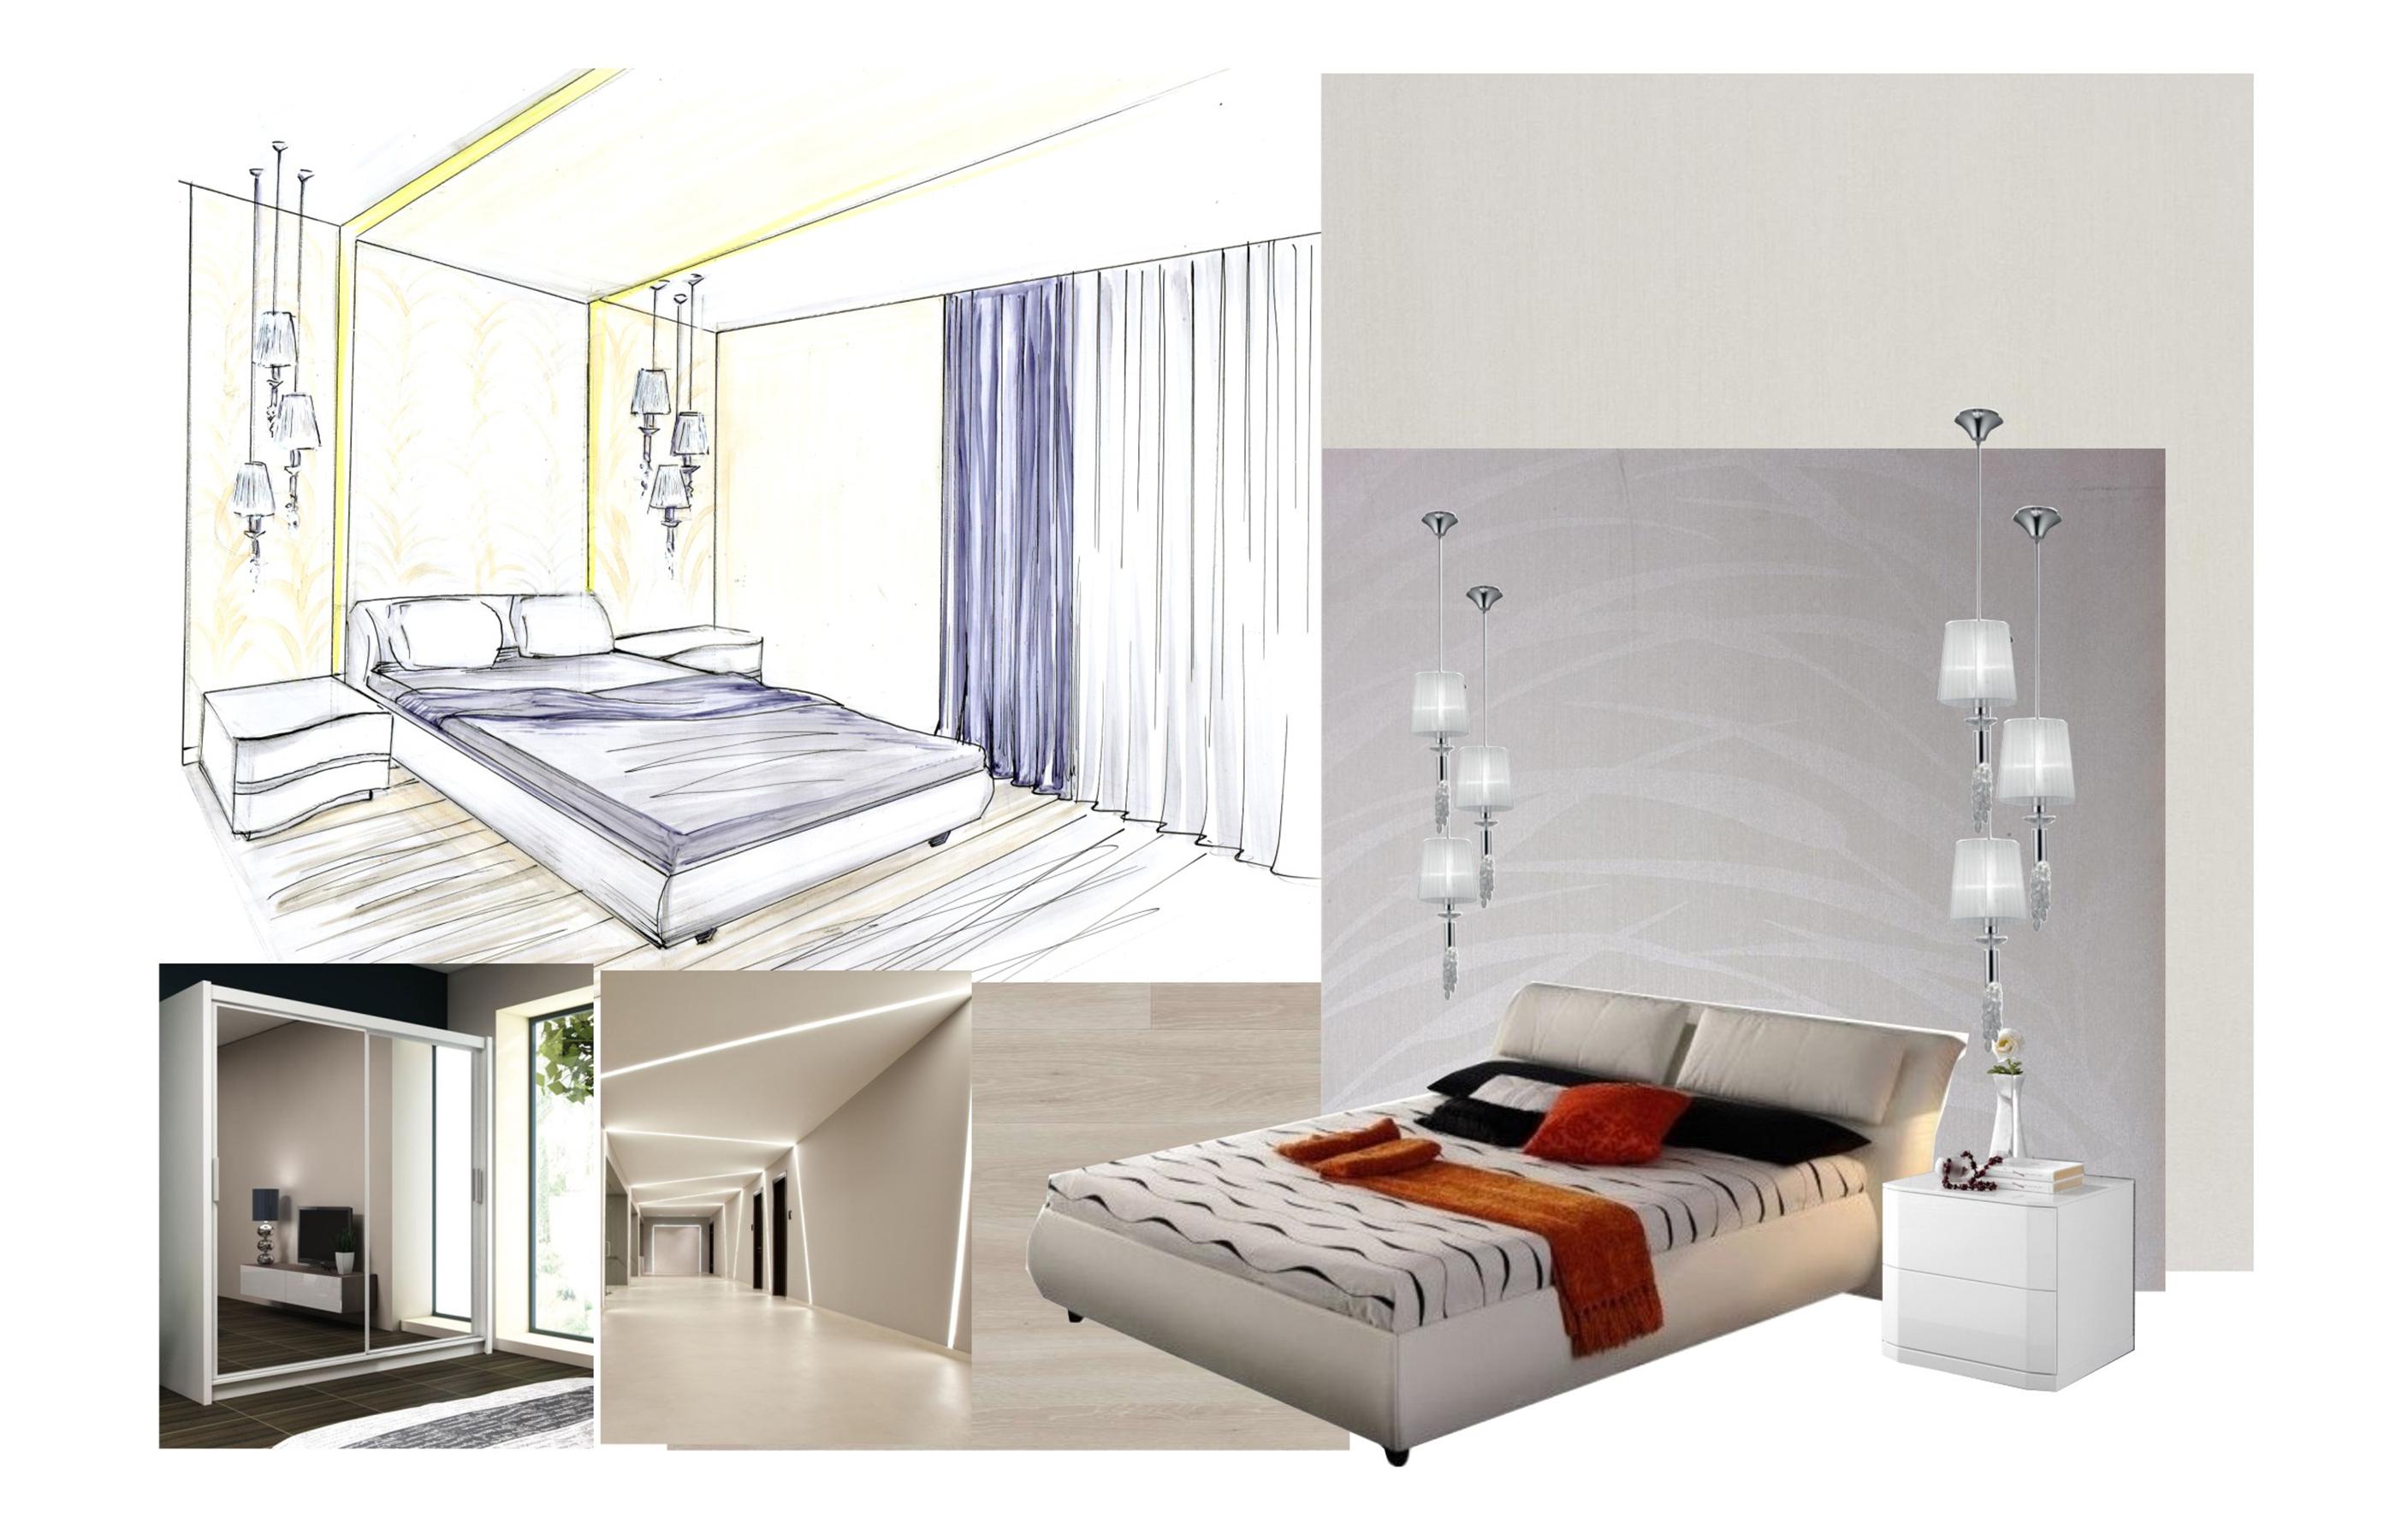 Концепция дизайна интерьера спальни